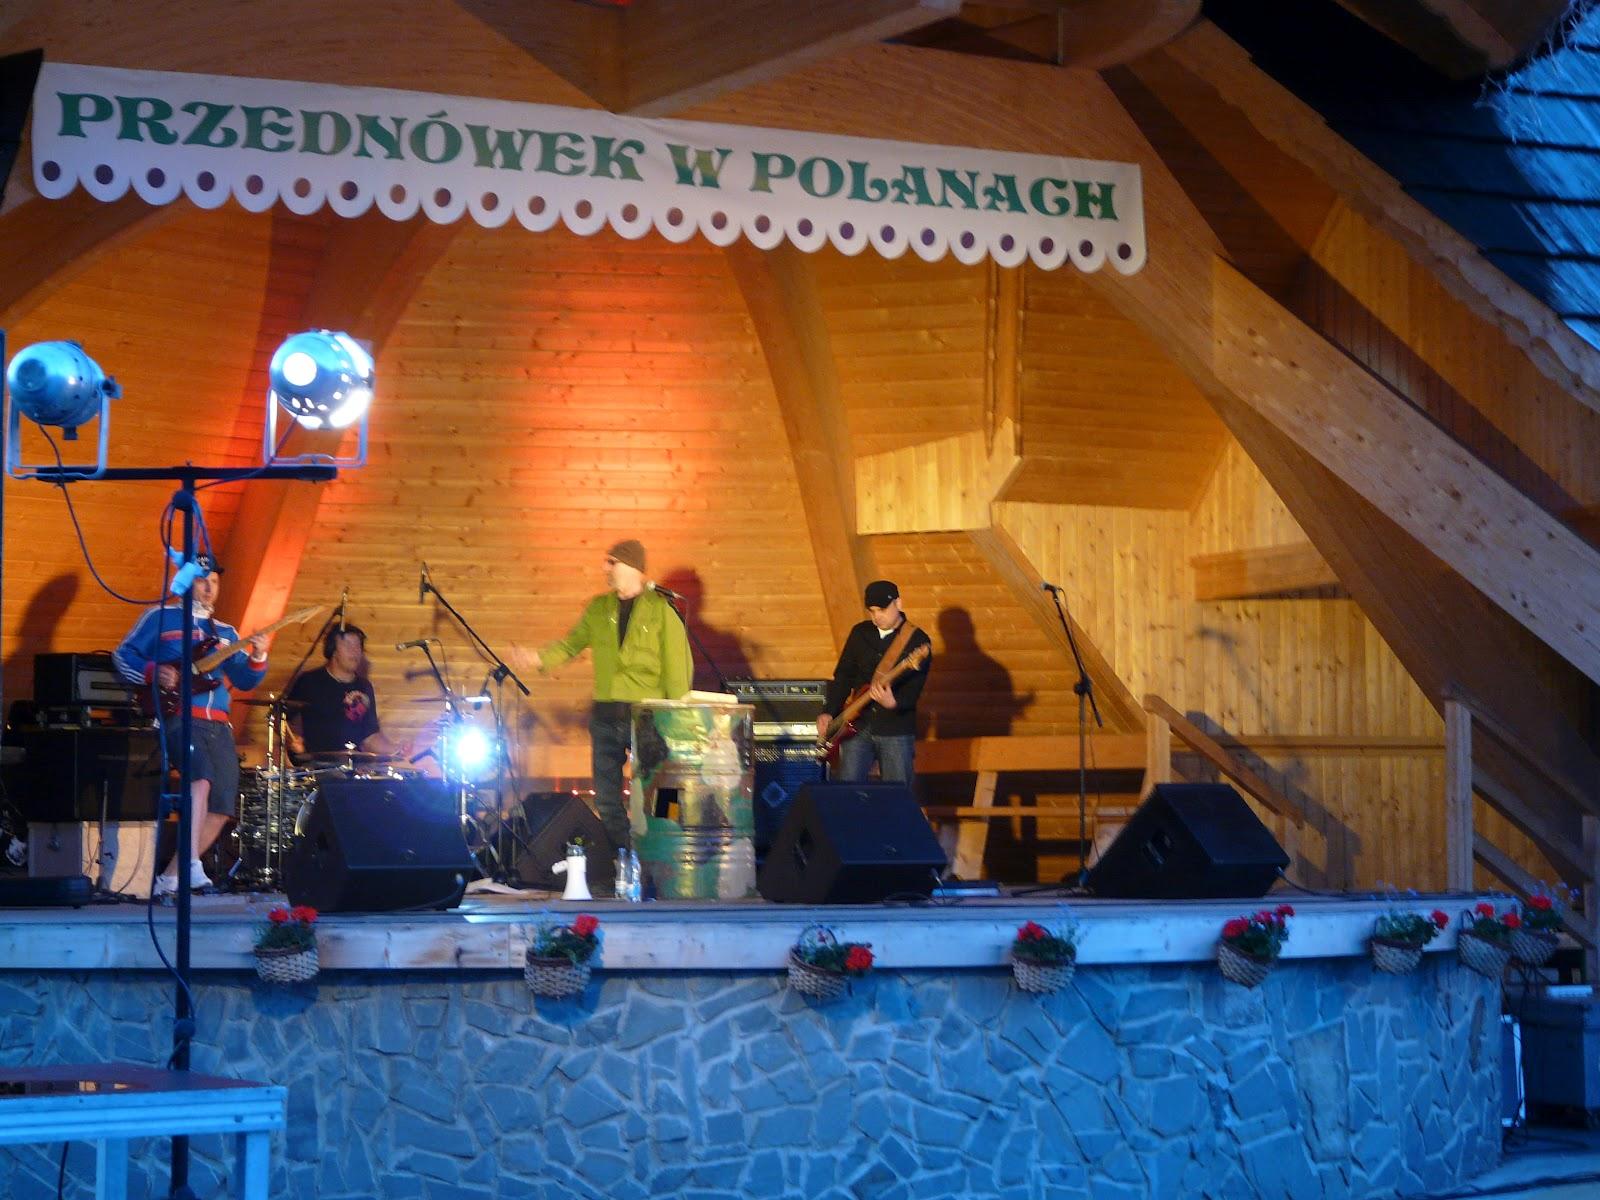 Jubileuszowy XX Przednówek w Polanach - 5-6 maja 2012